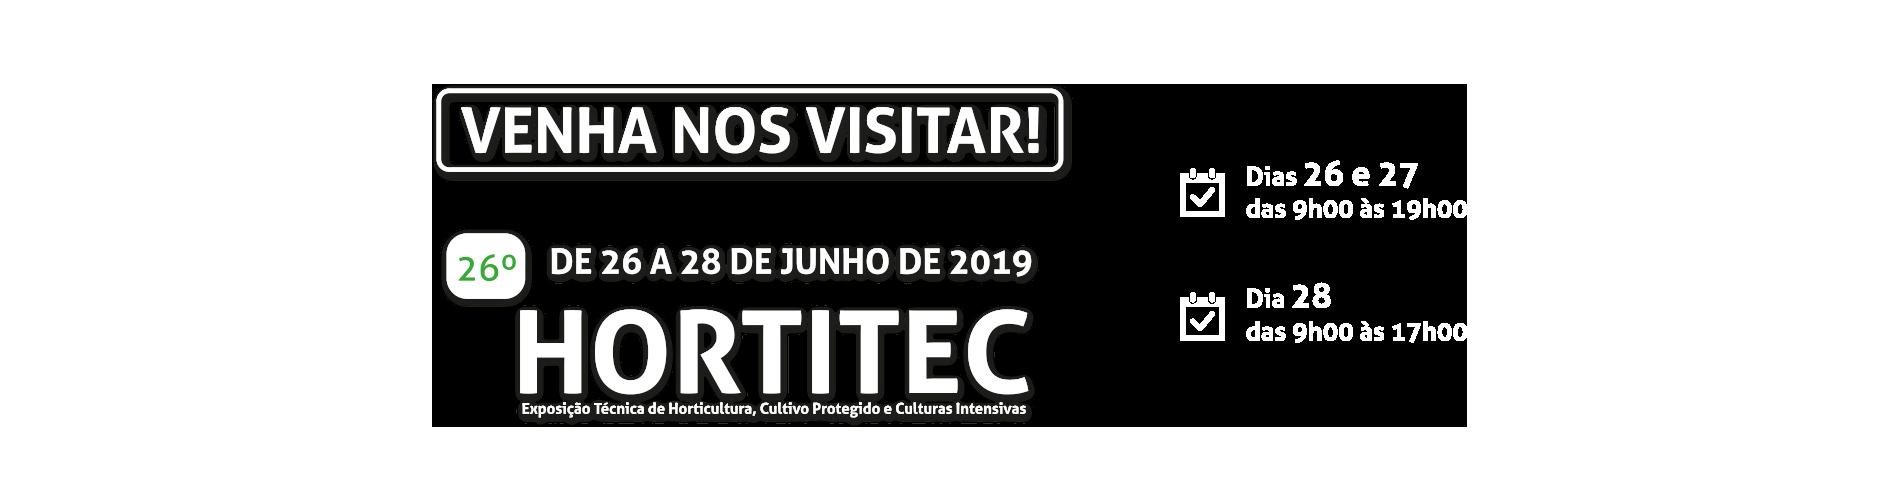 Hortitec - 2019 - Irrigaplan